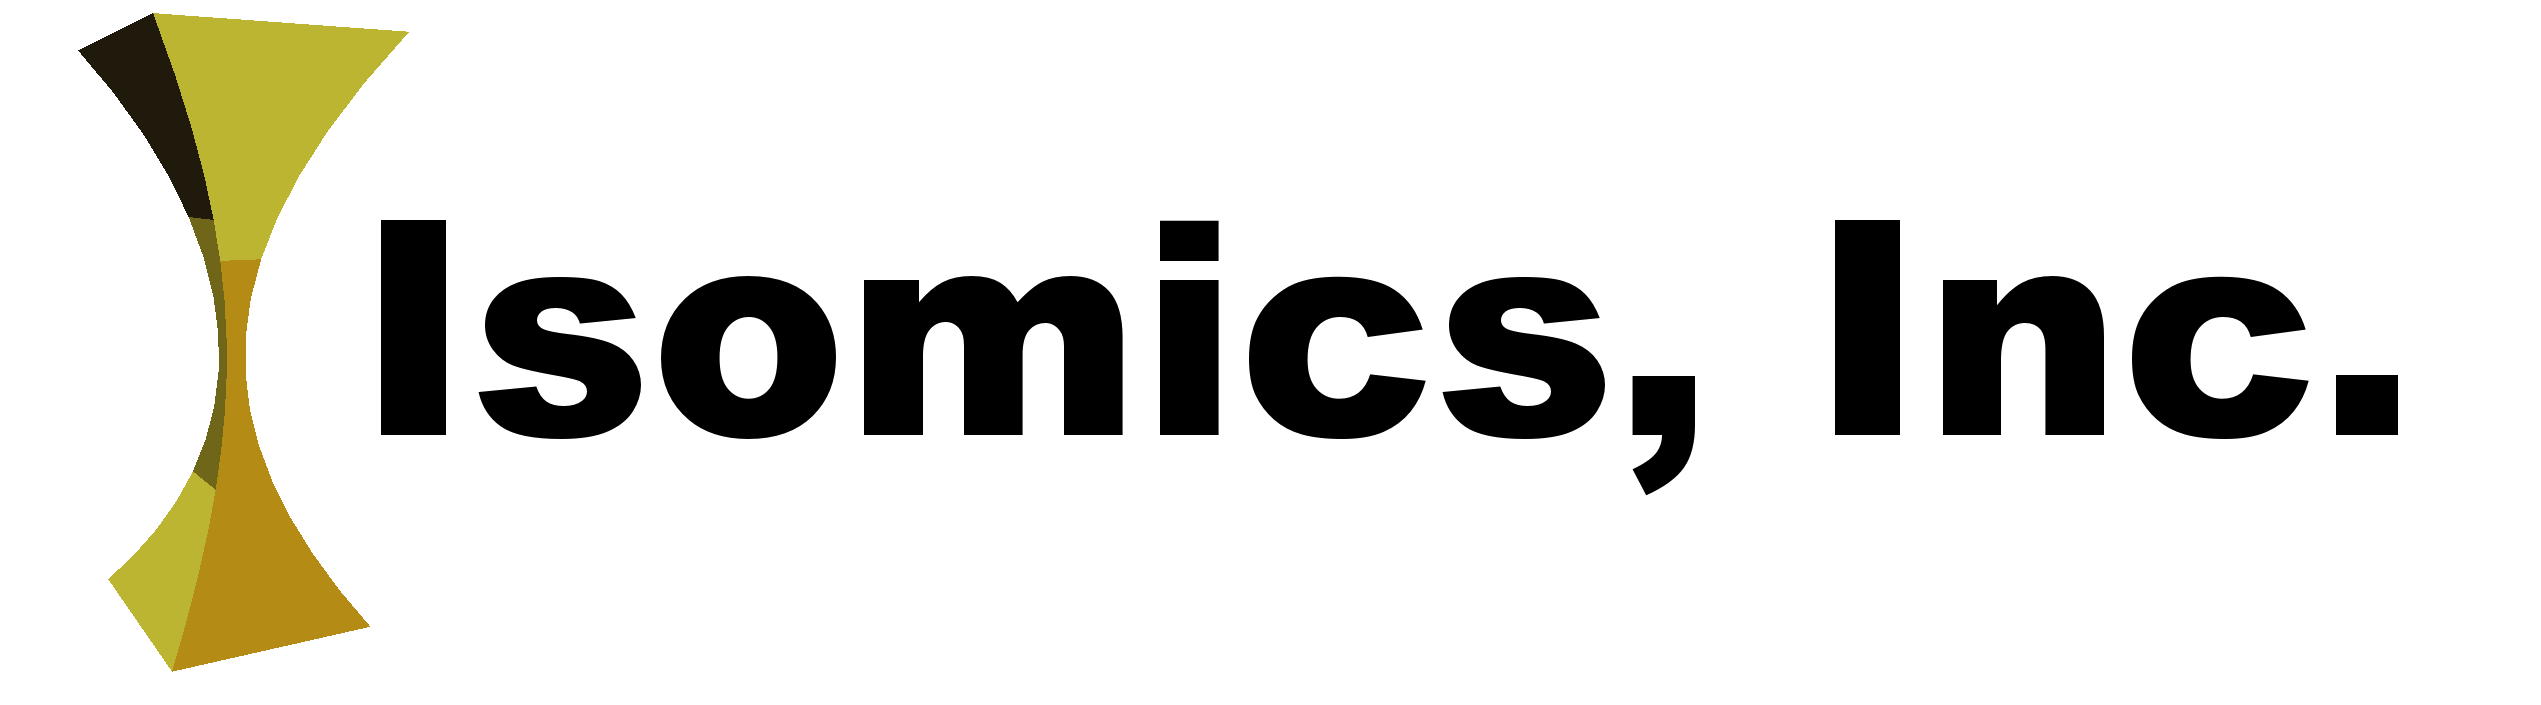 Isomics, Inc.